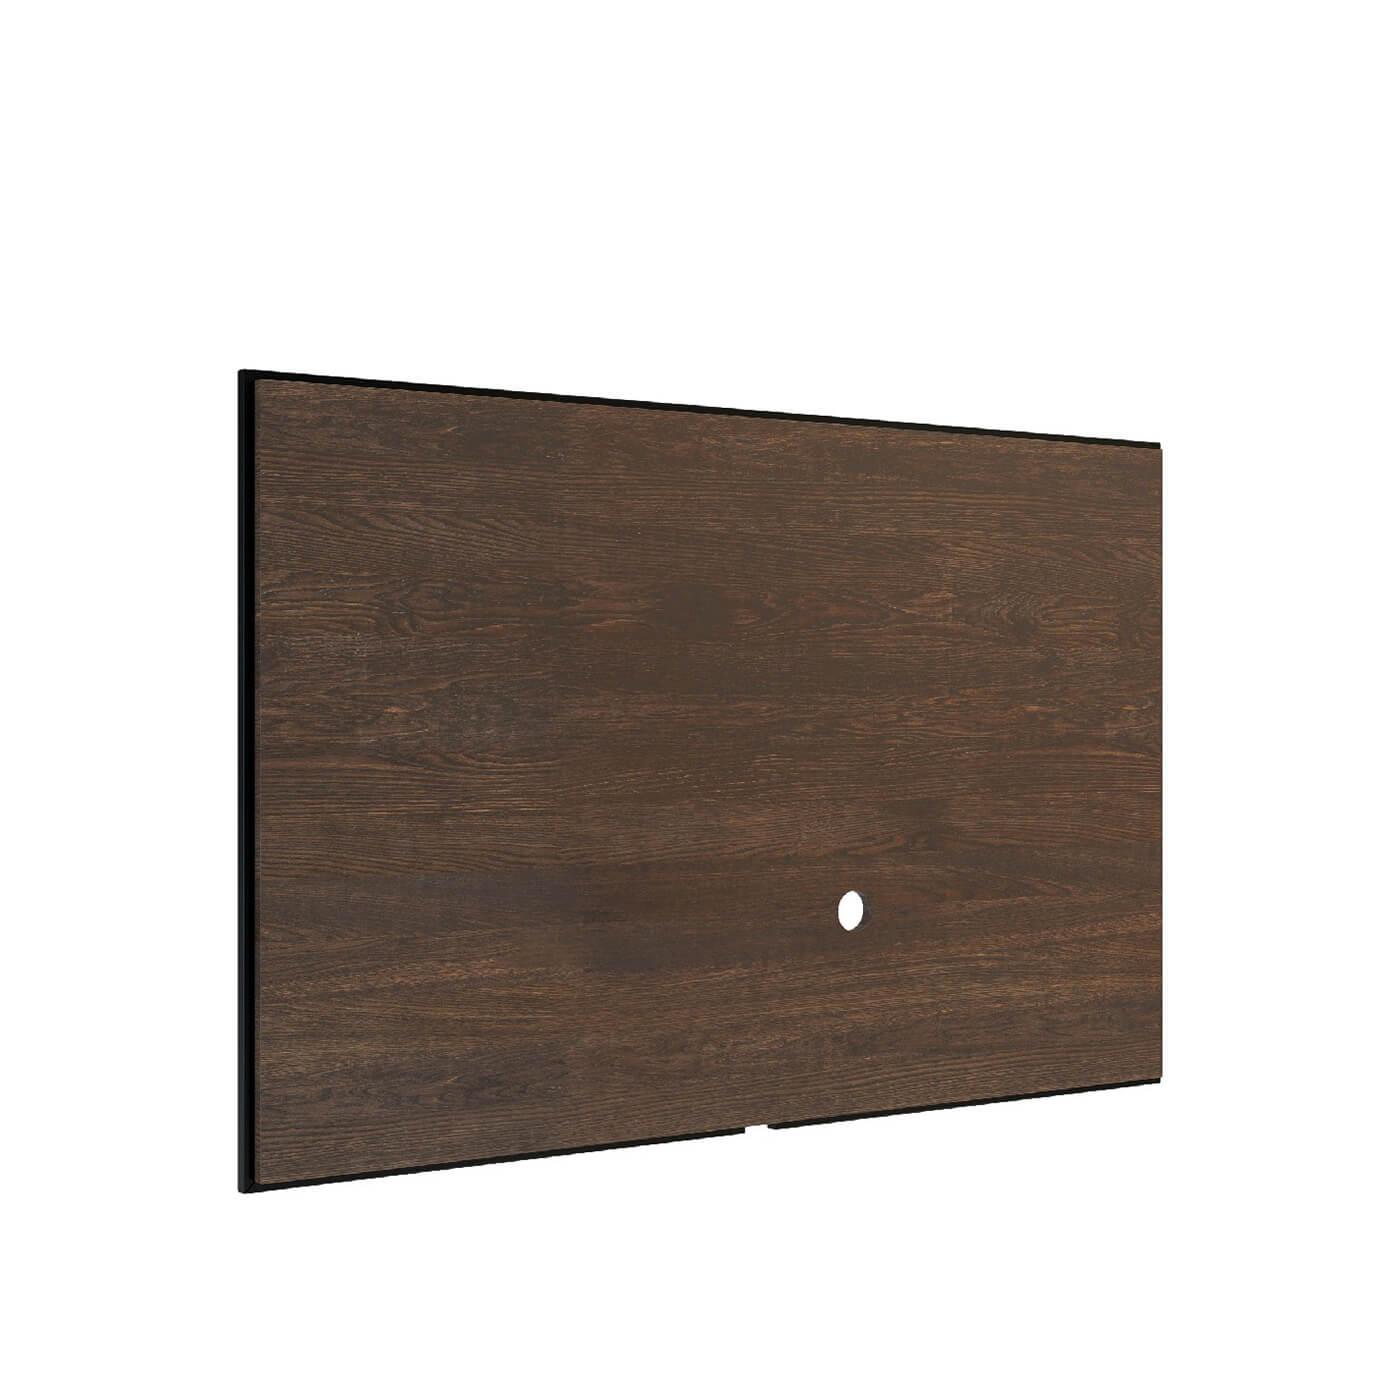 Малък телевизионен панел, колекция Corino